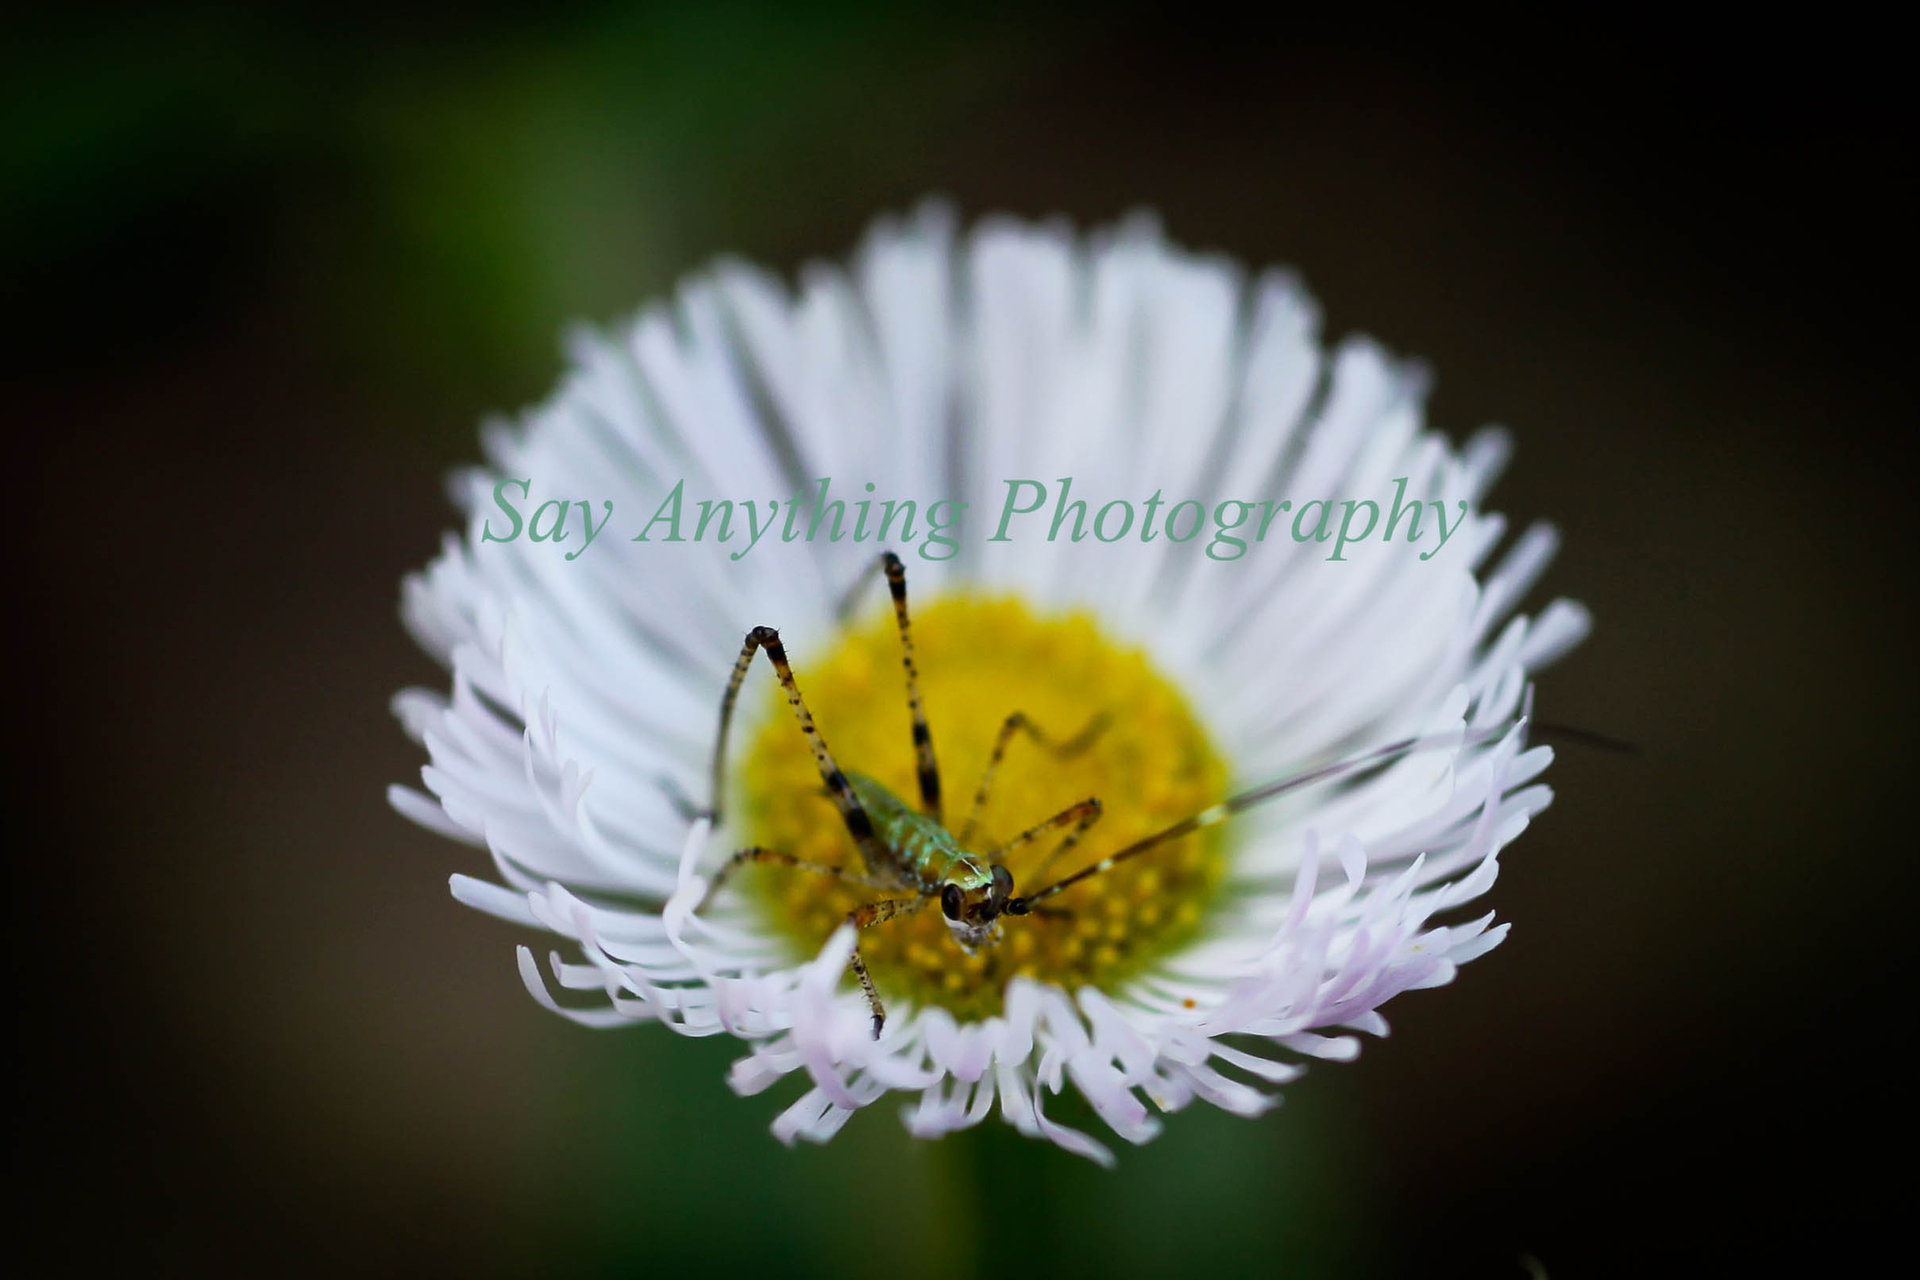 Bugs Life 2